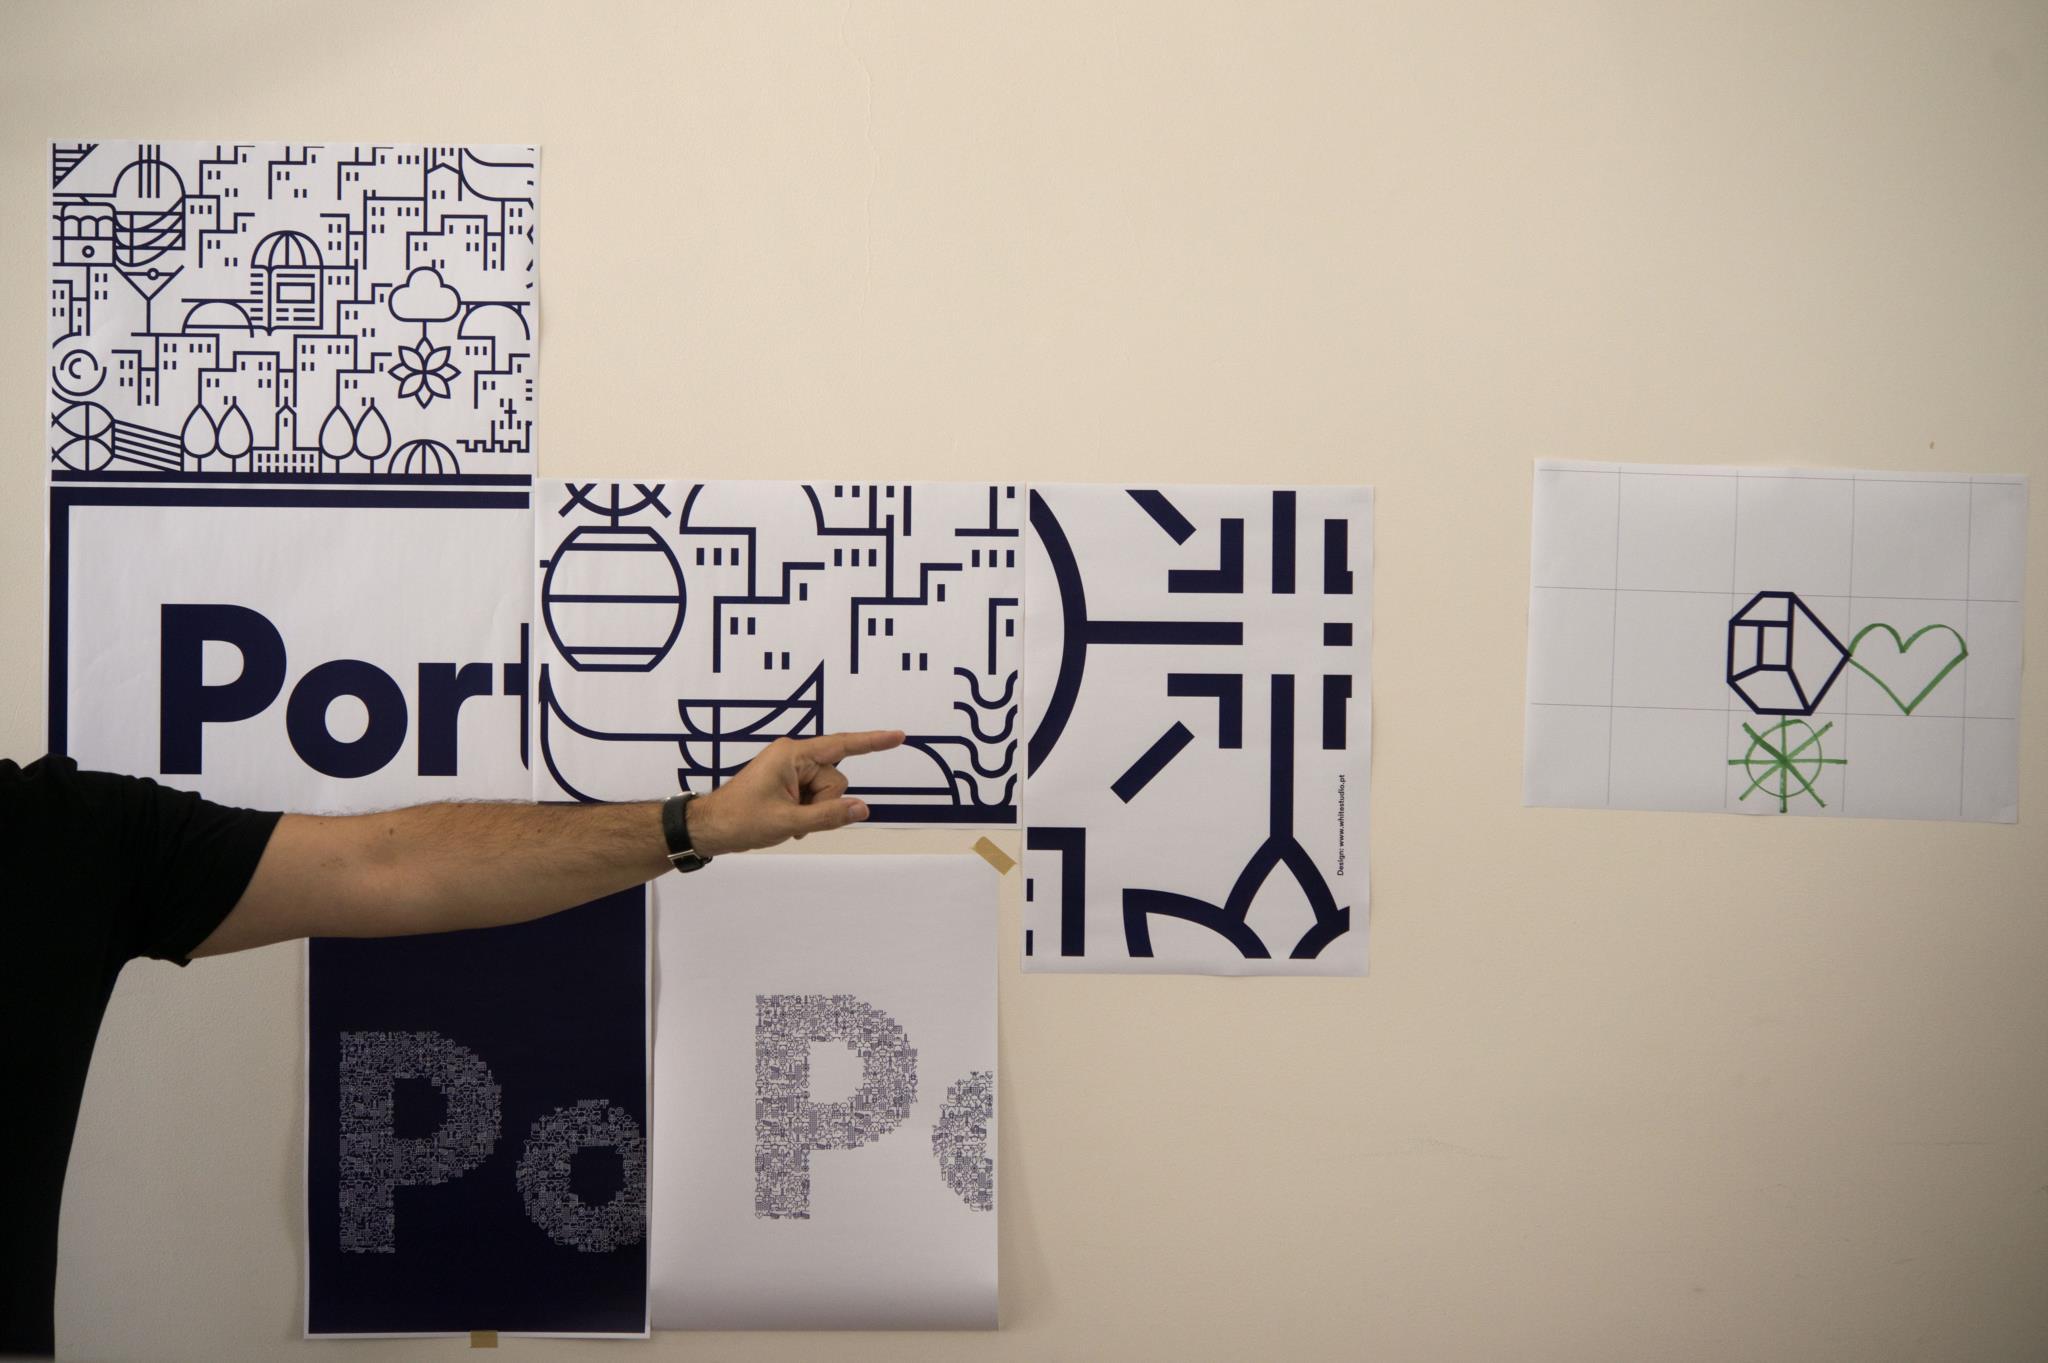 PÚBLICO - A partir desta terça-feira, o Porto é a capital do design europeu